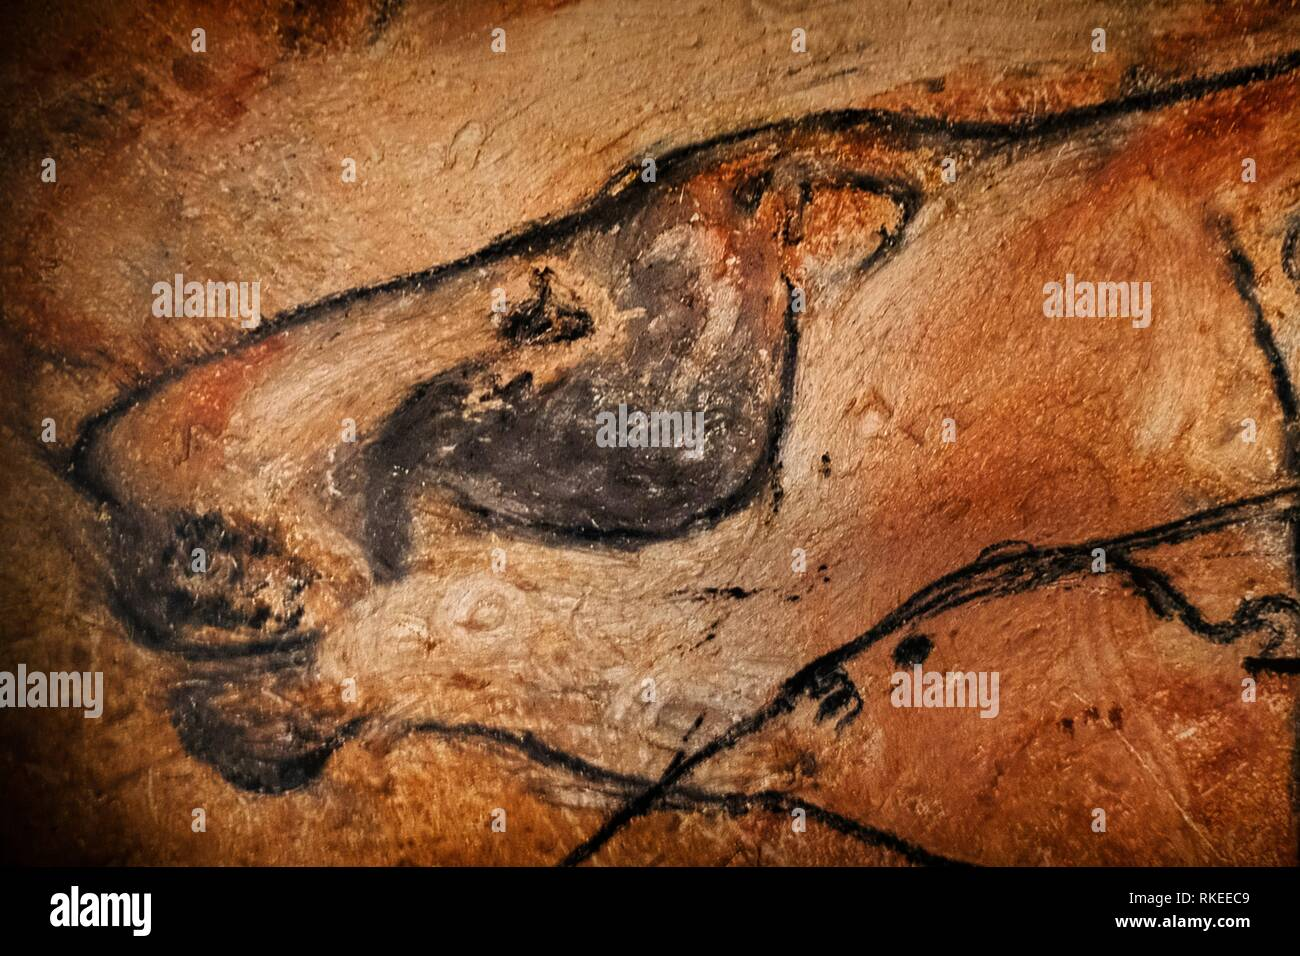 France, Ardéche, Lions head: Chauvet Pont d´Arc cave. - Stock Image